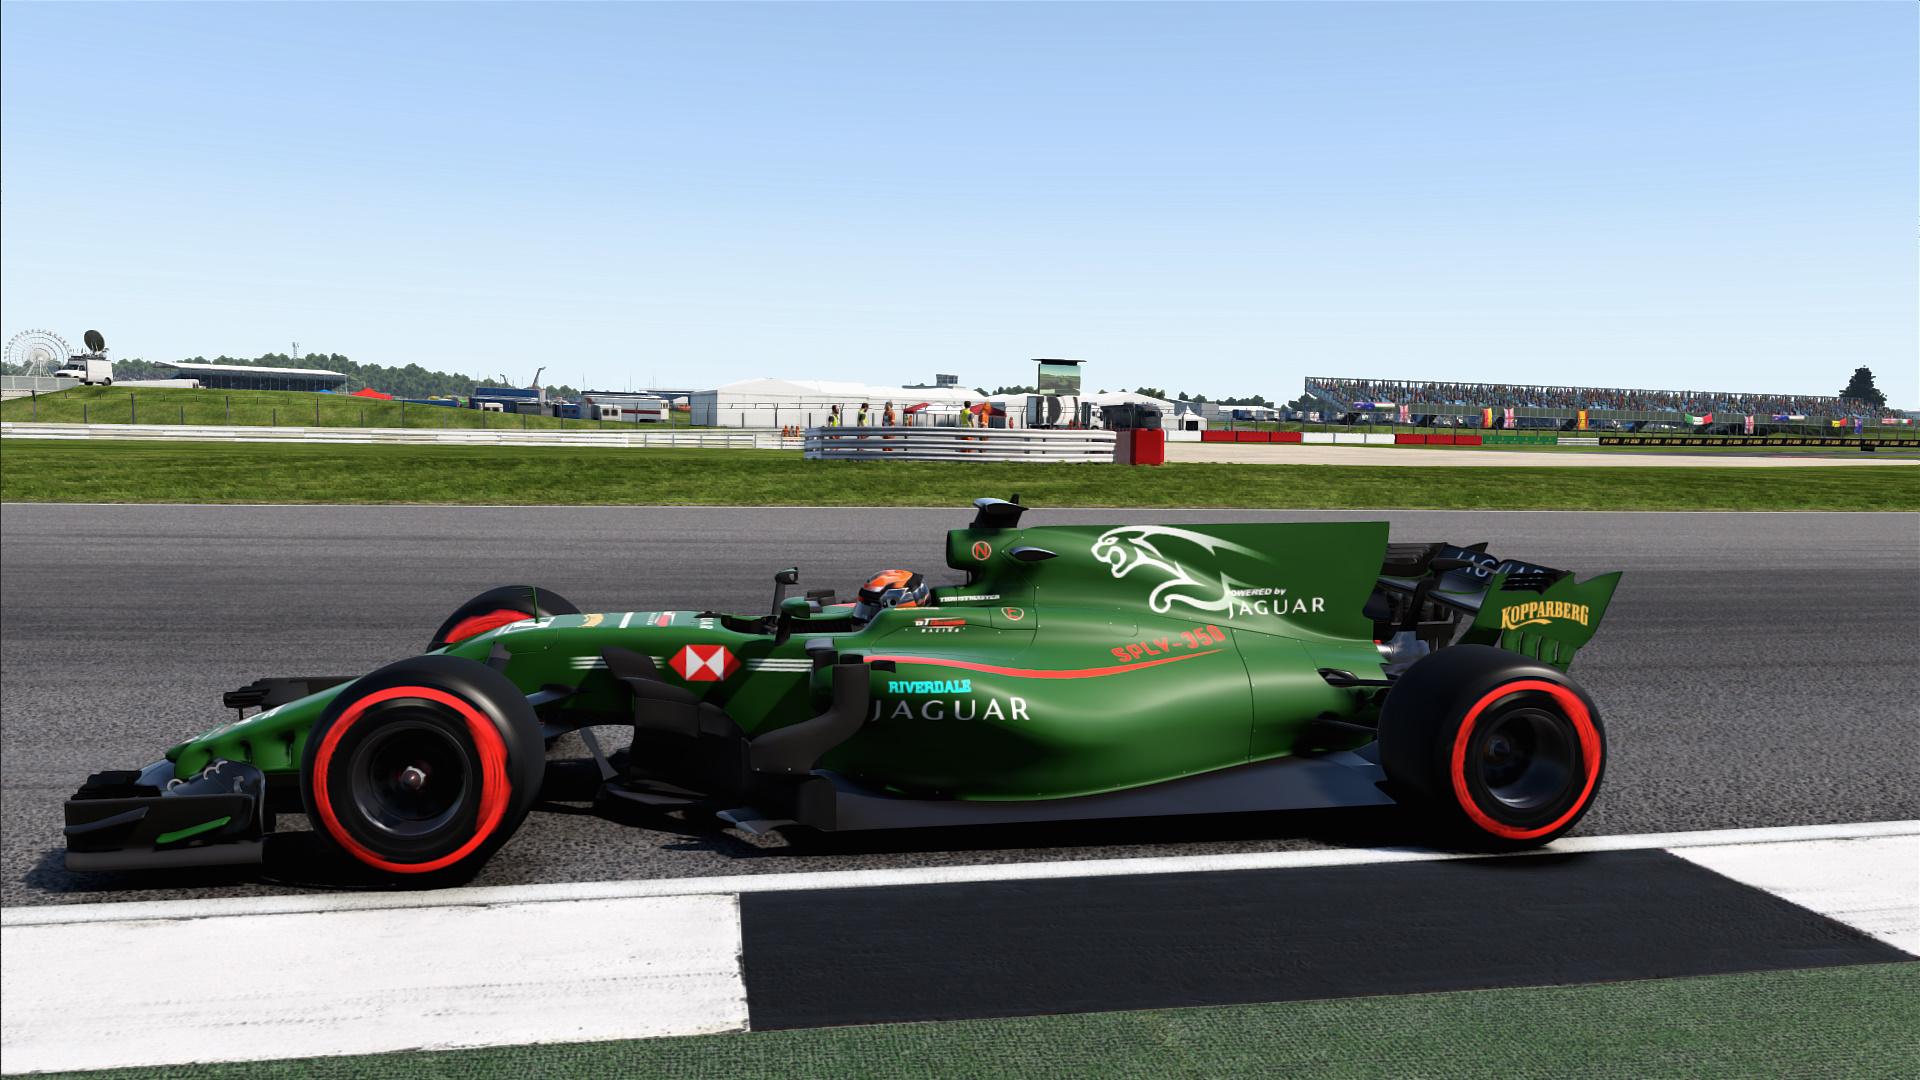 F1_2017 2017-12-23 18-03-39-427.jpg